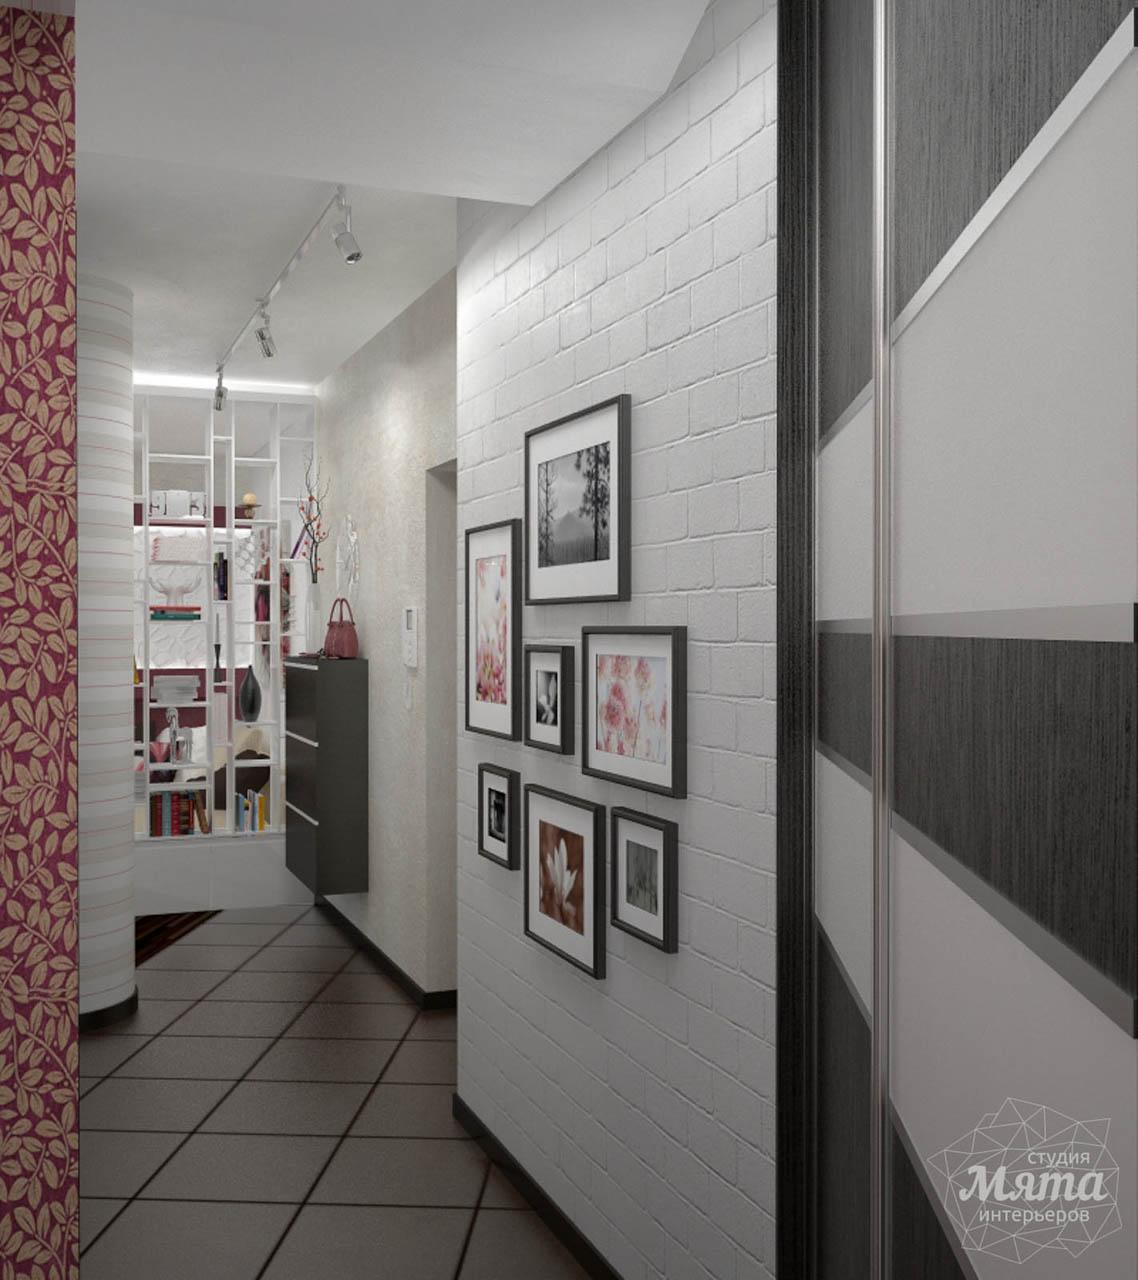 Дизайн интерьера и ремонт трехкомнатной квартиры по ул. Попова 33а img249058891